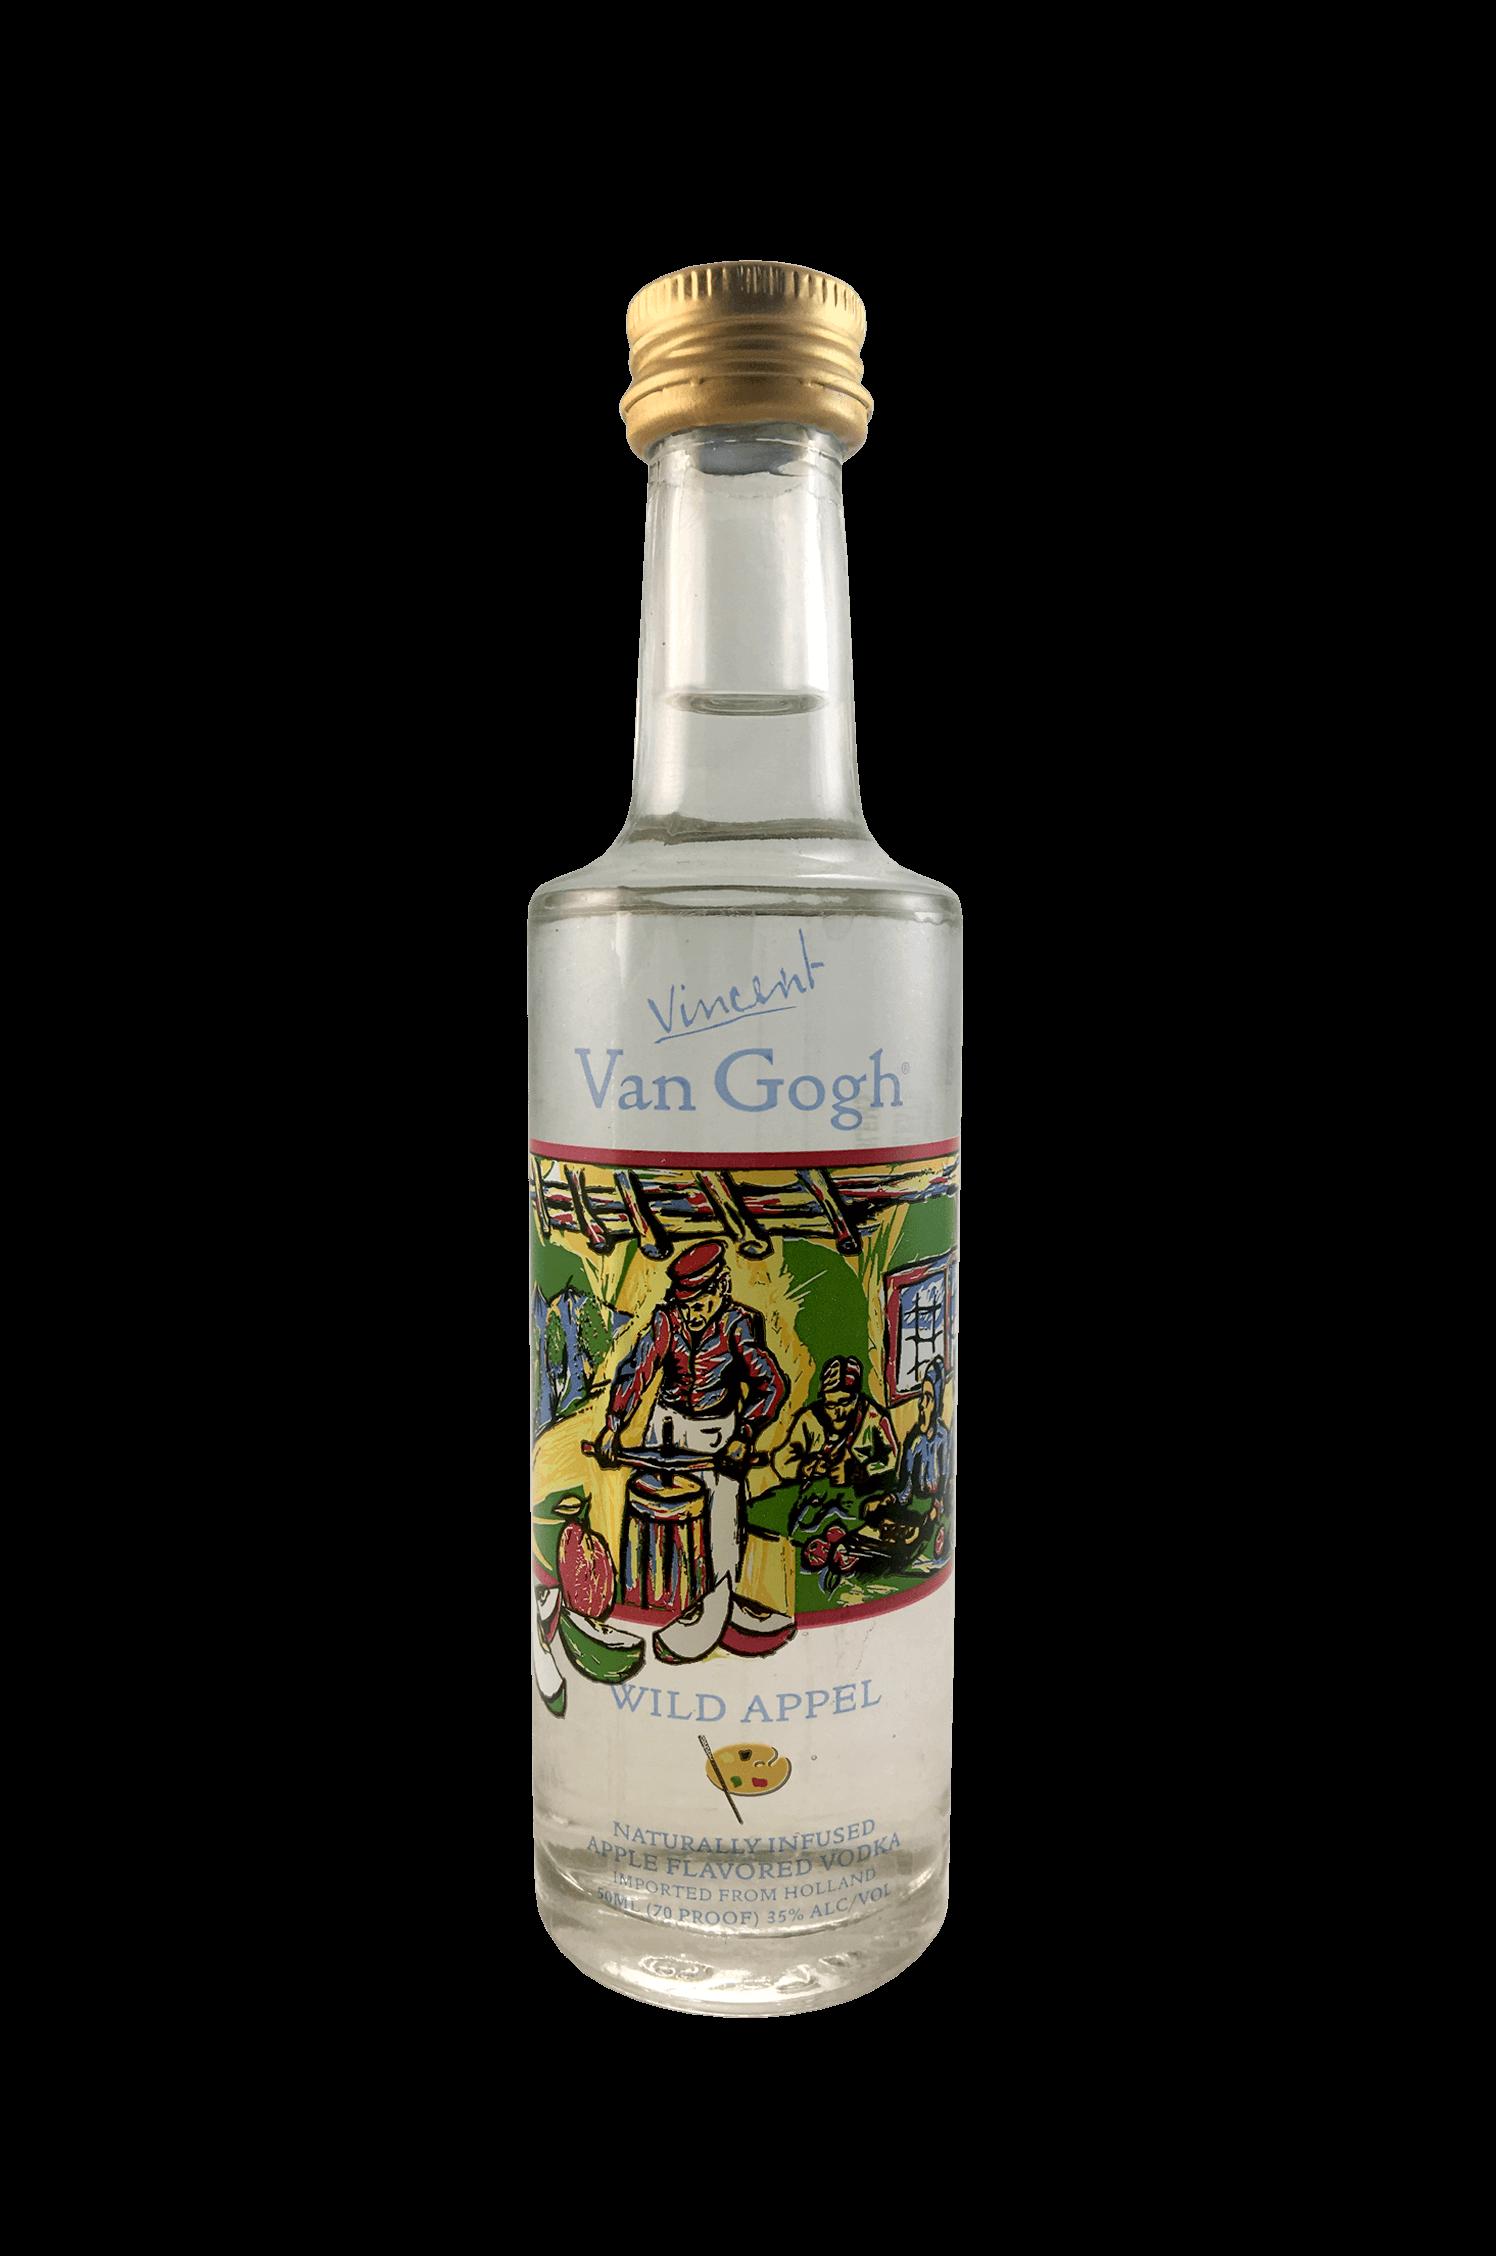 Van Gogh – Wild Appel